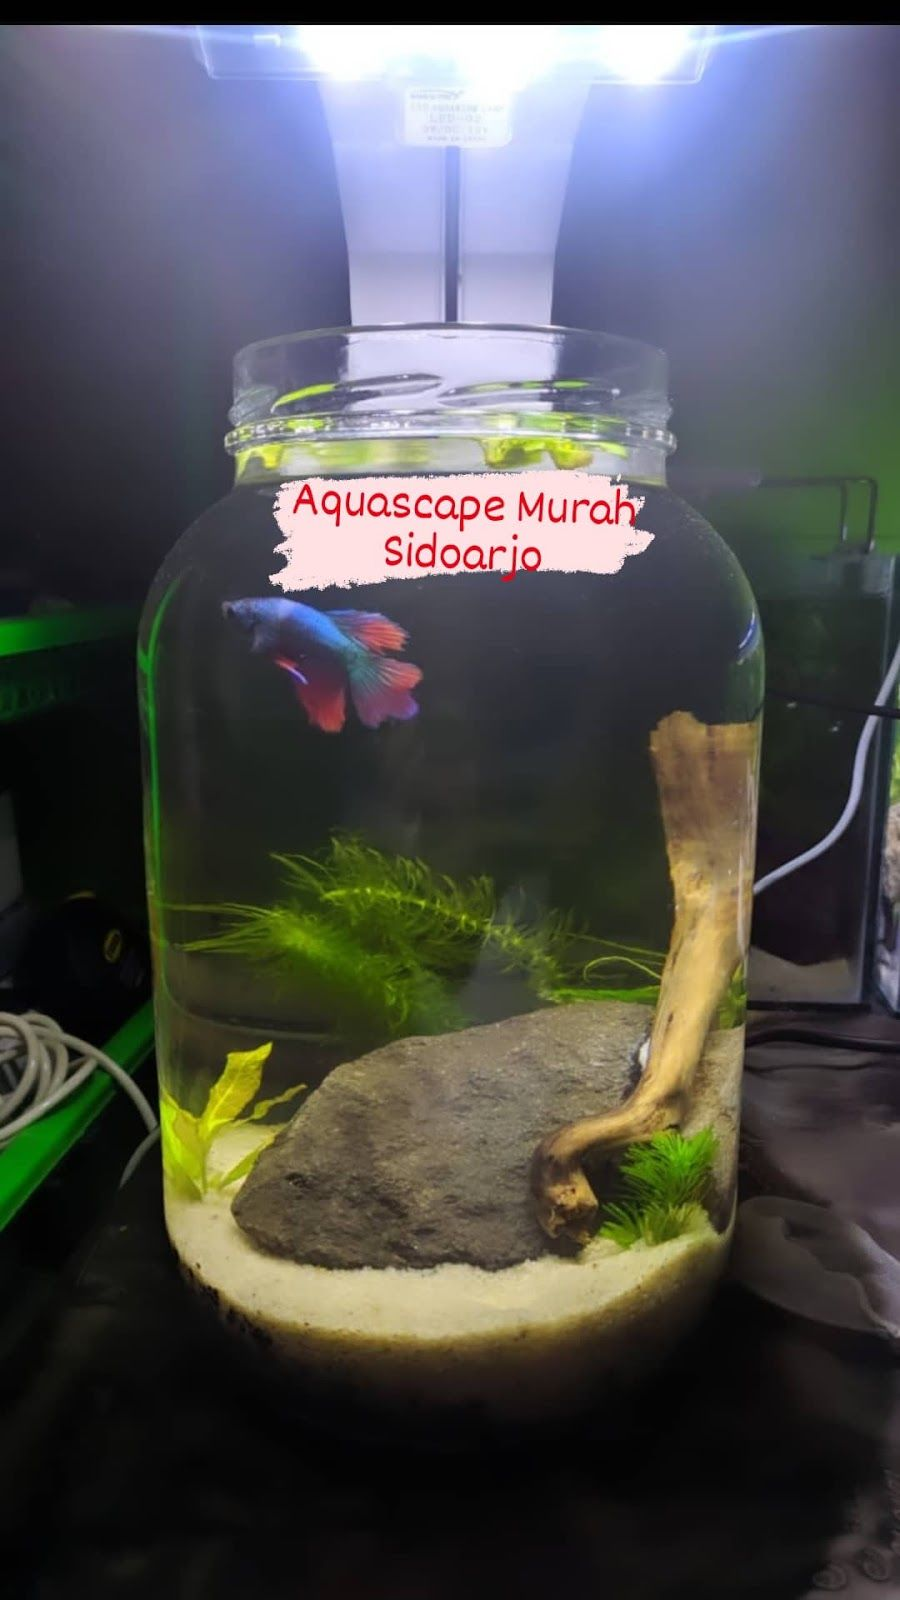 Aquascape Aquarium Akuarium Murah Di Sidoarjo Wa 0895396089651 In 2020 Aquascape Aquarium Aquascape Aquarium